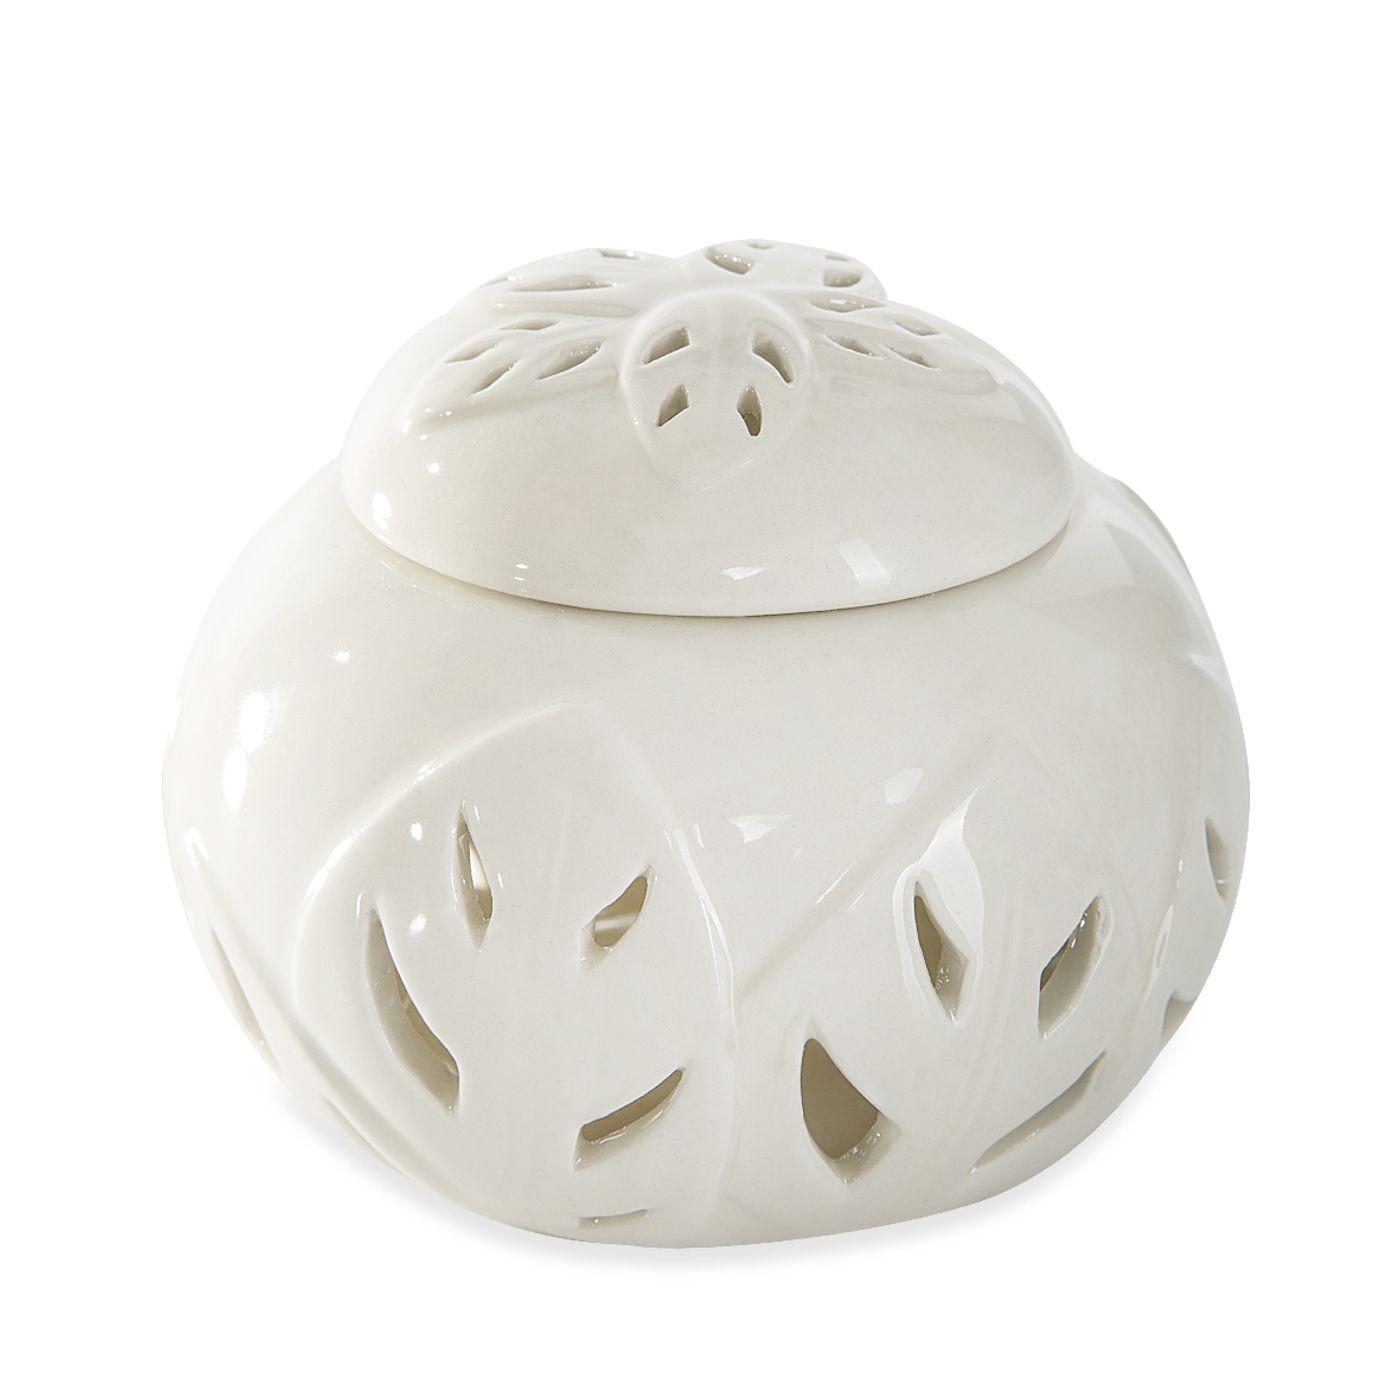 Puzderko ceramiczne ażurowe 8 cm